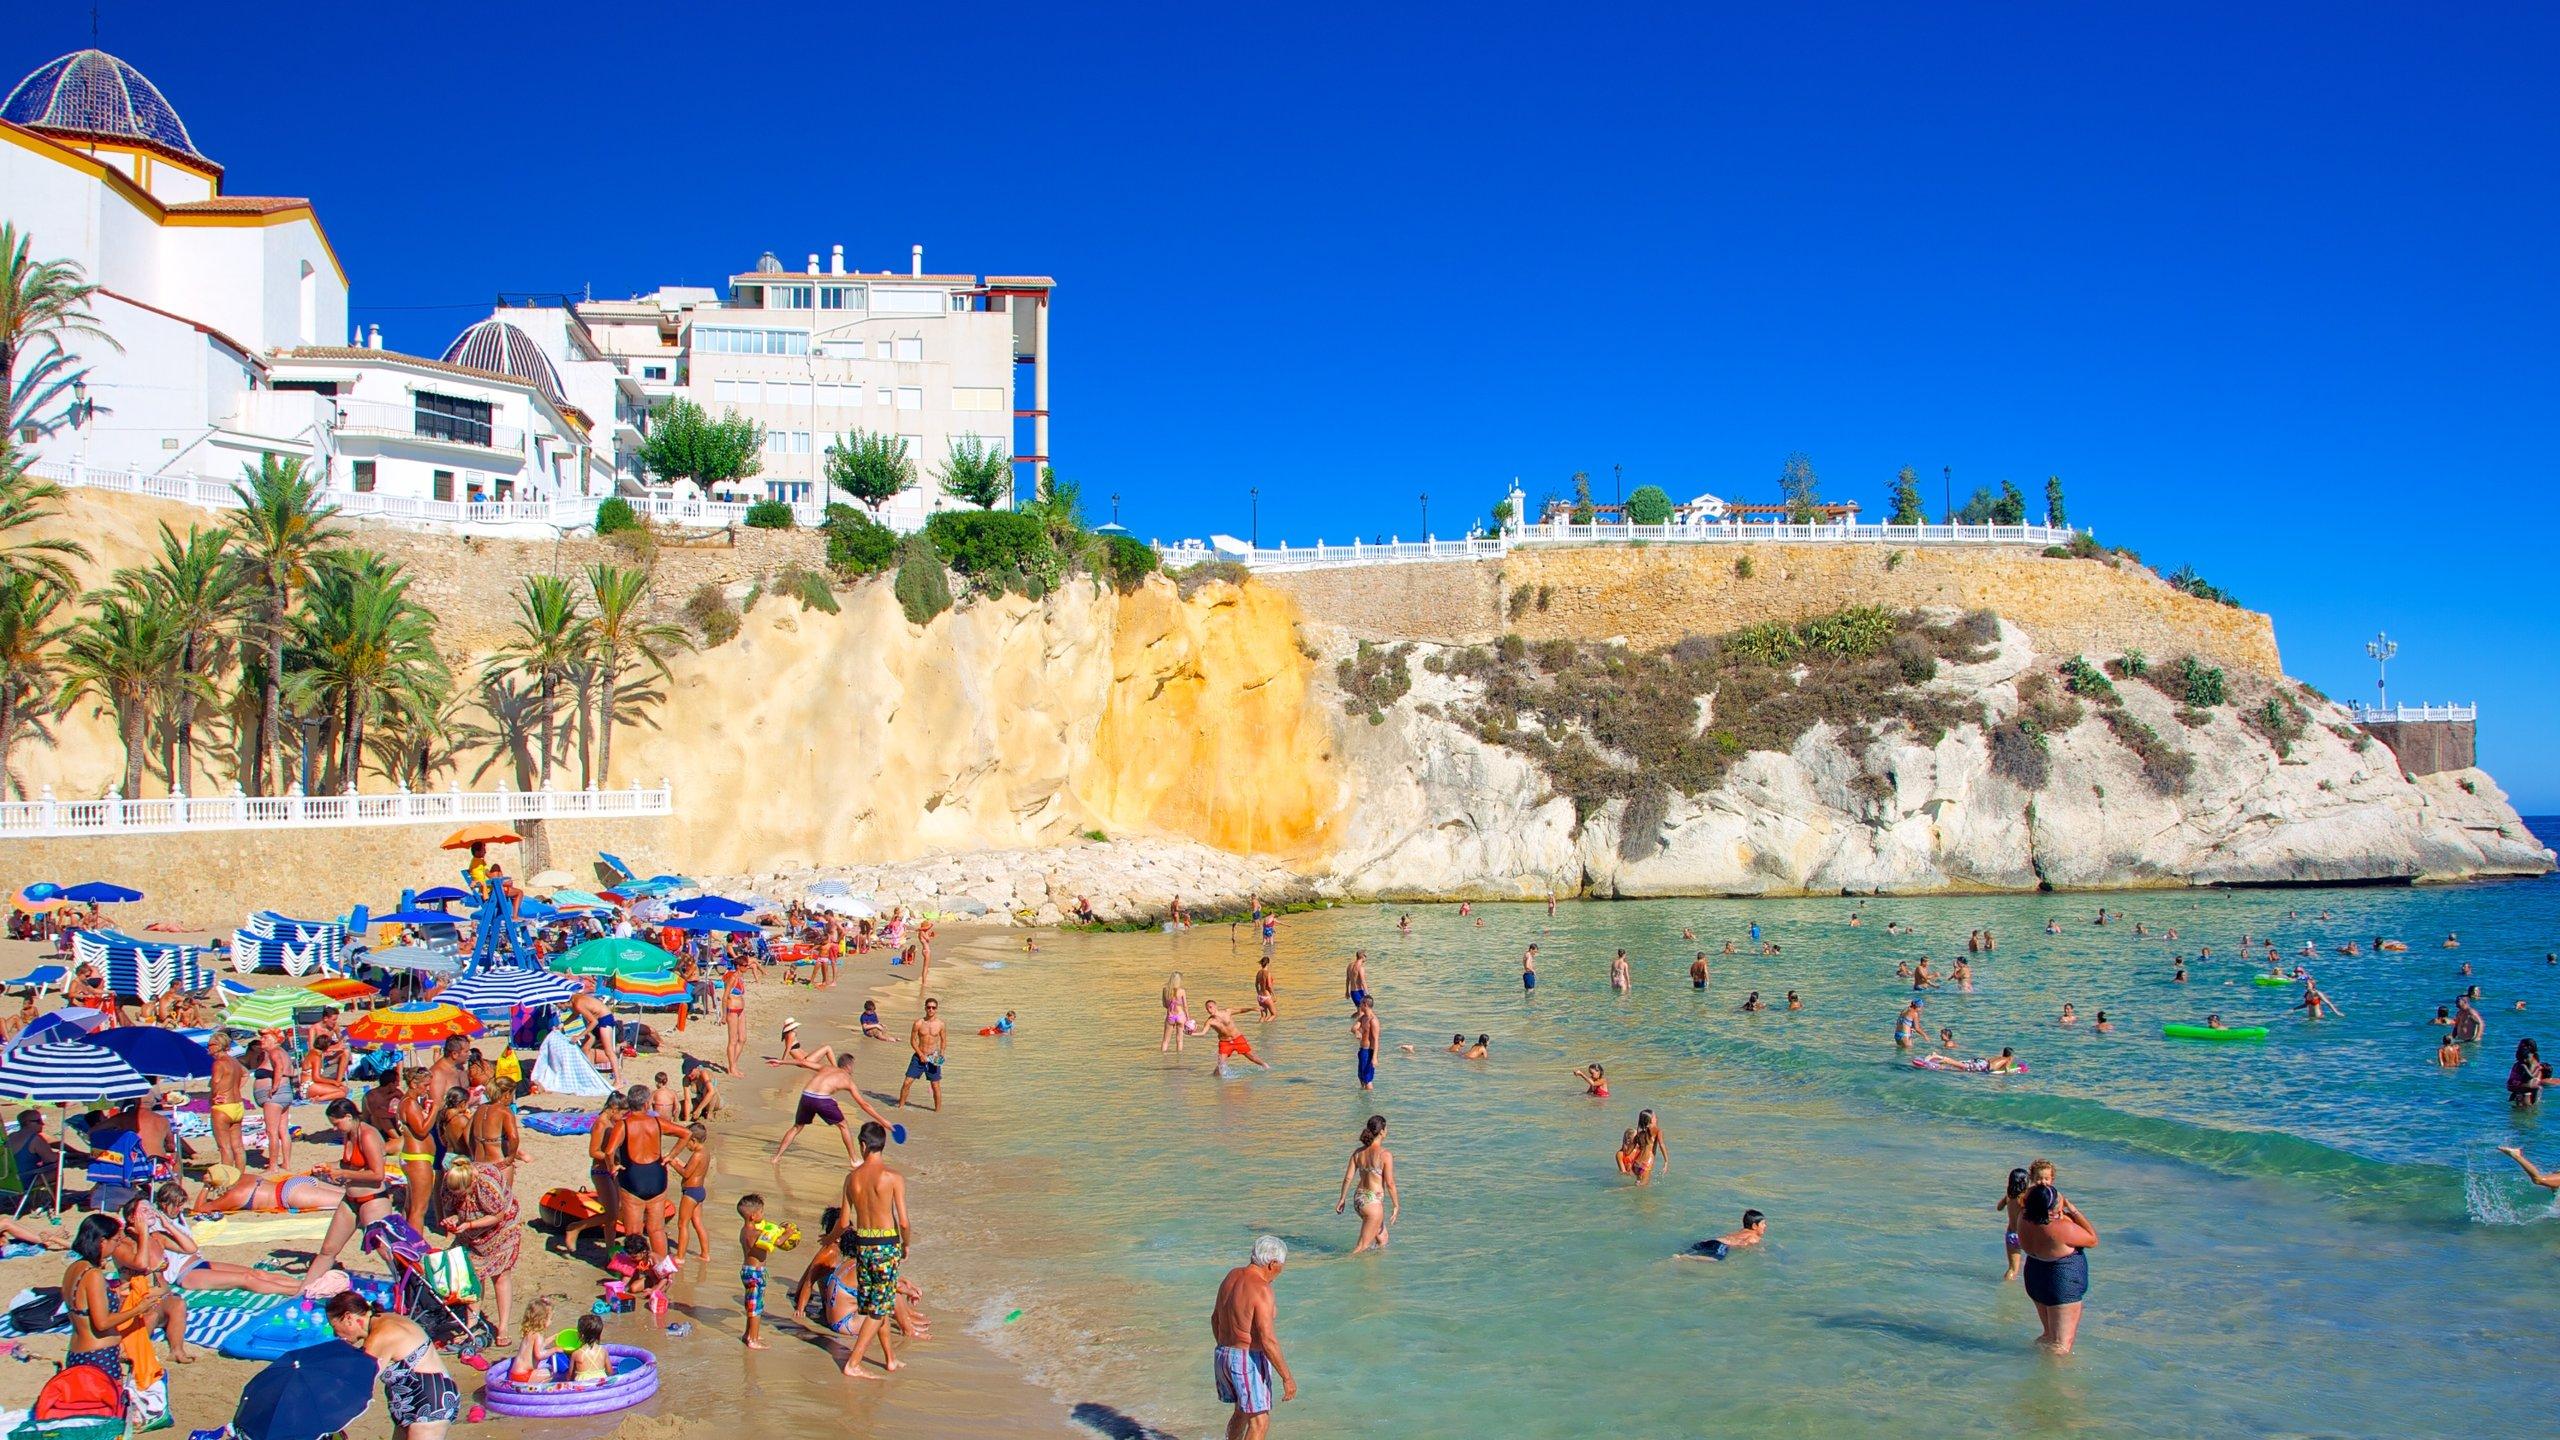 Malpas Beach, Benidorm, Valencian Community, Spain